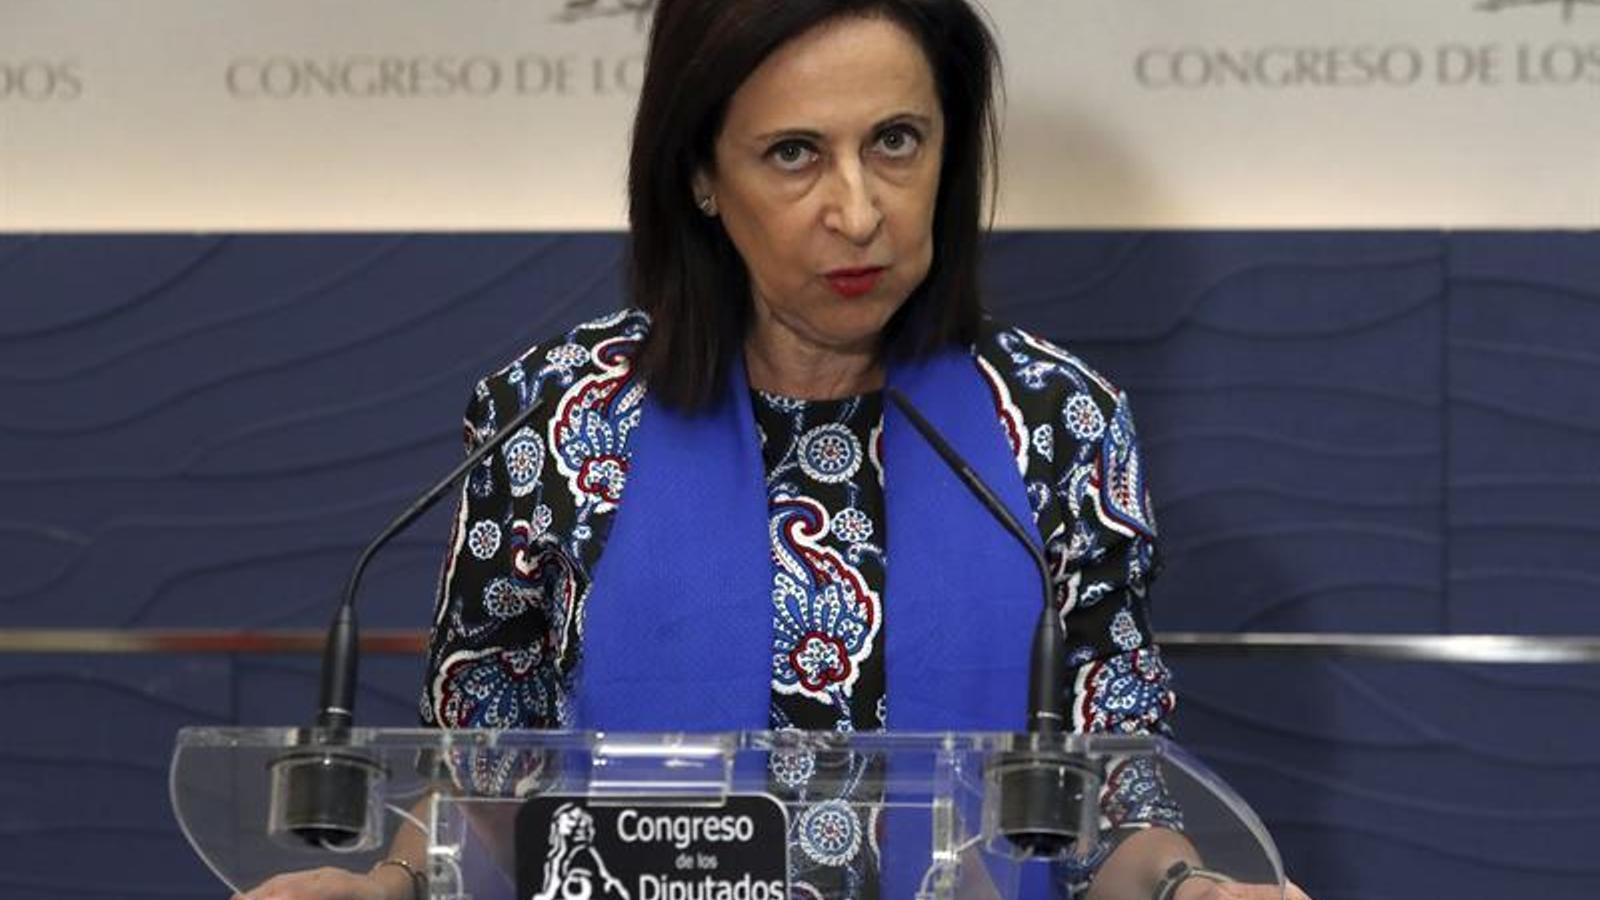 """Robles és """"partidària"""" d'acostar els presos catalans quan el jutge acabi la instrucció o les diligències"""